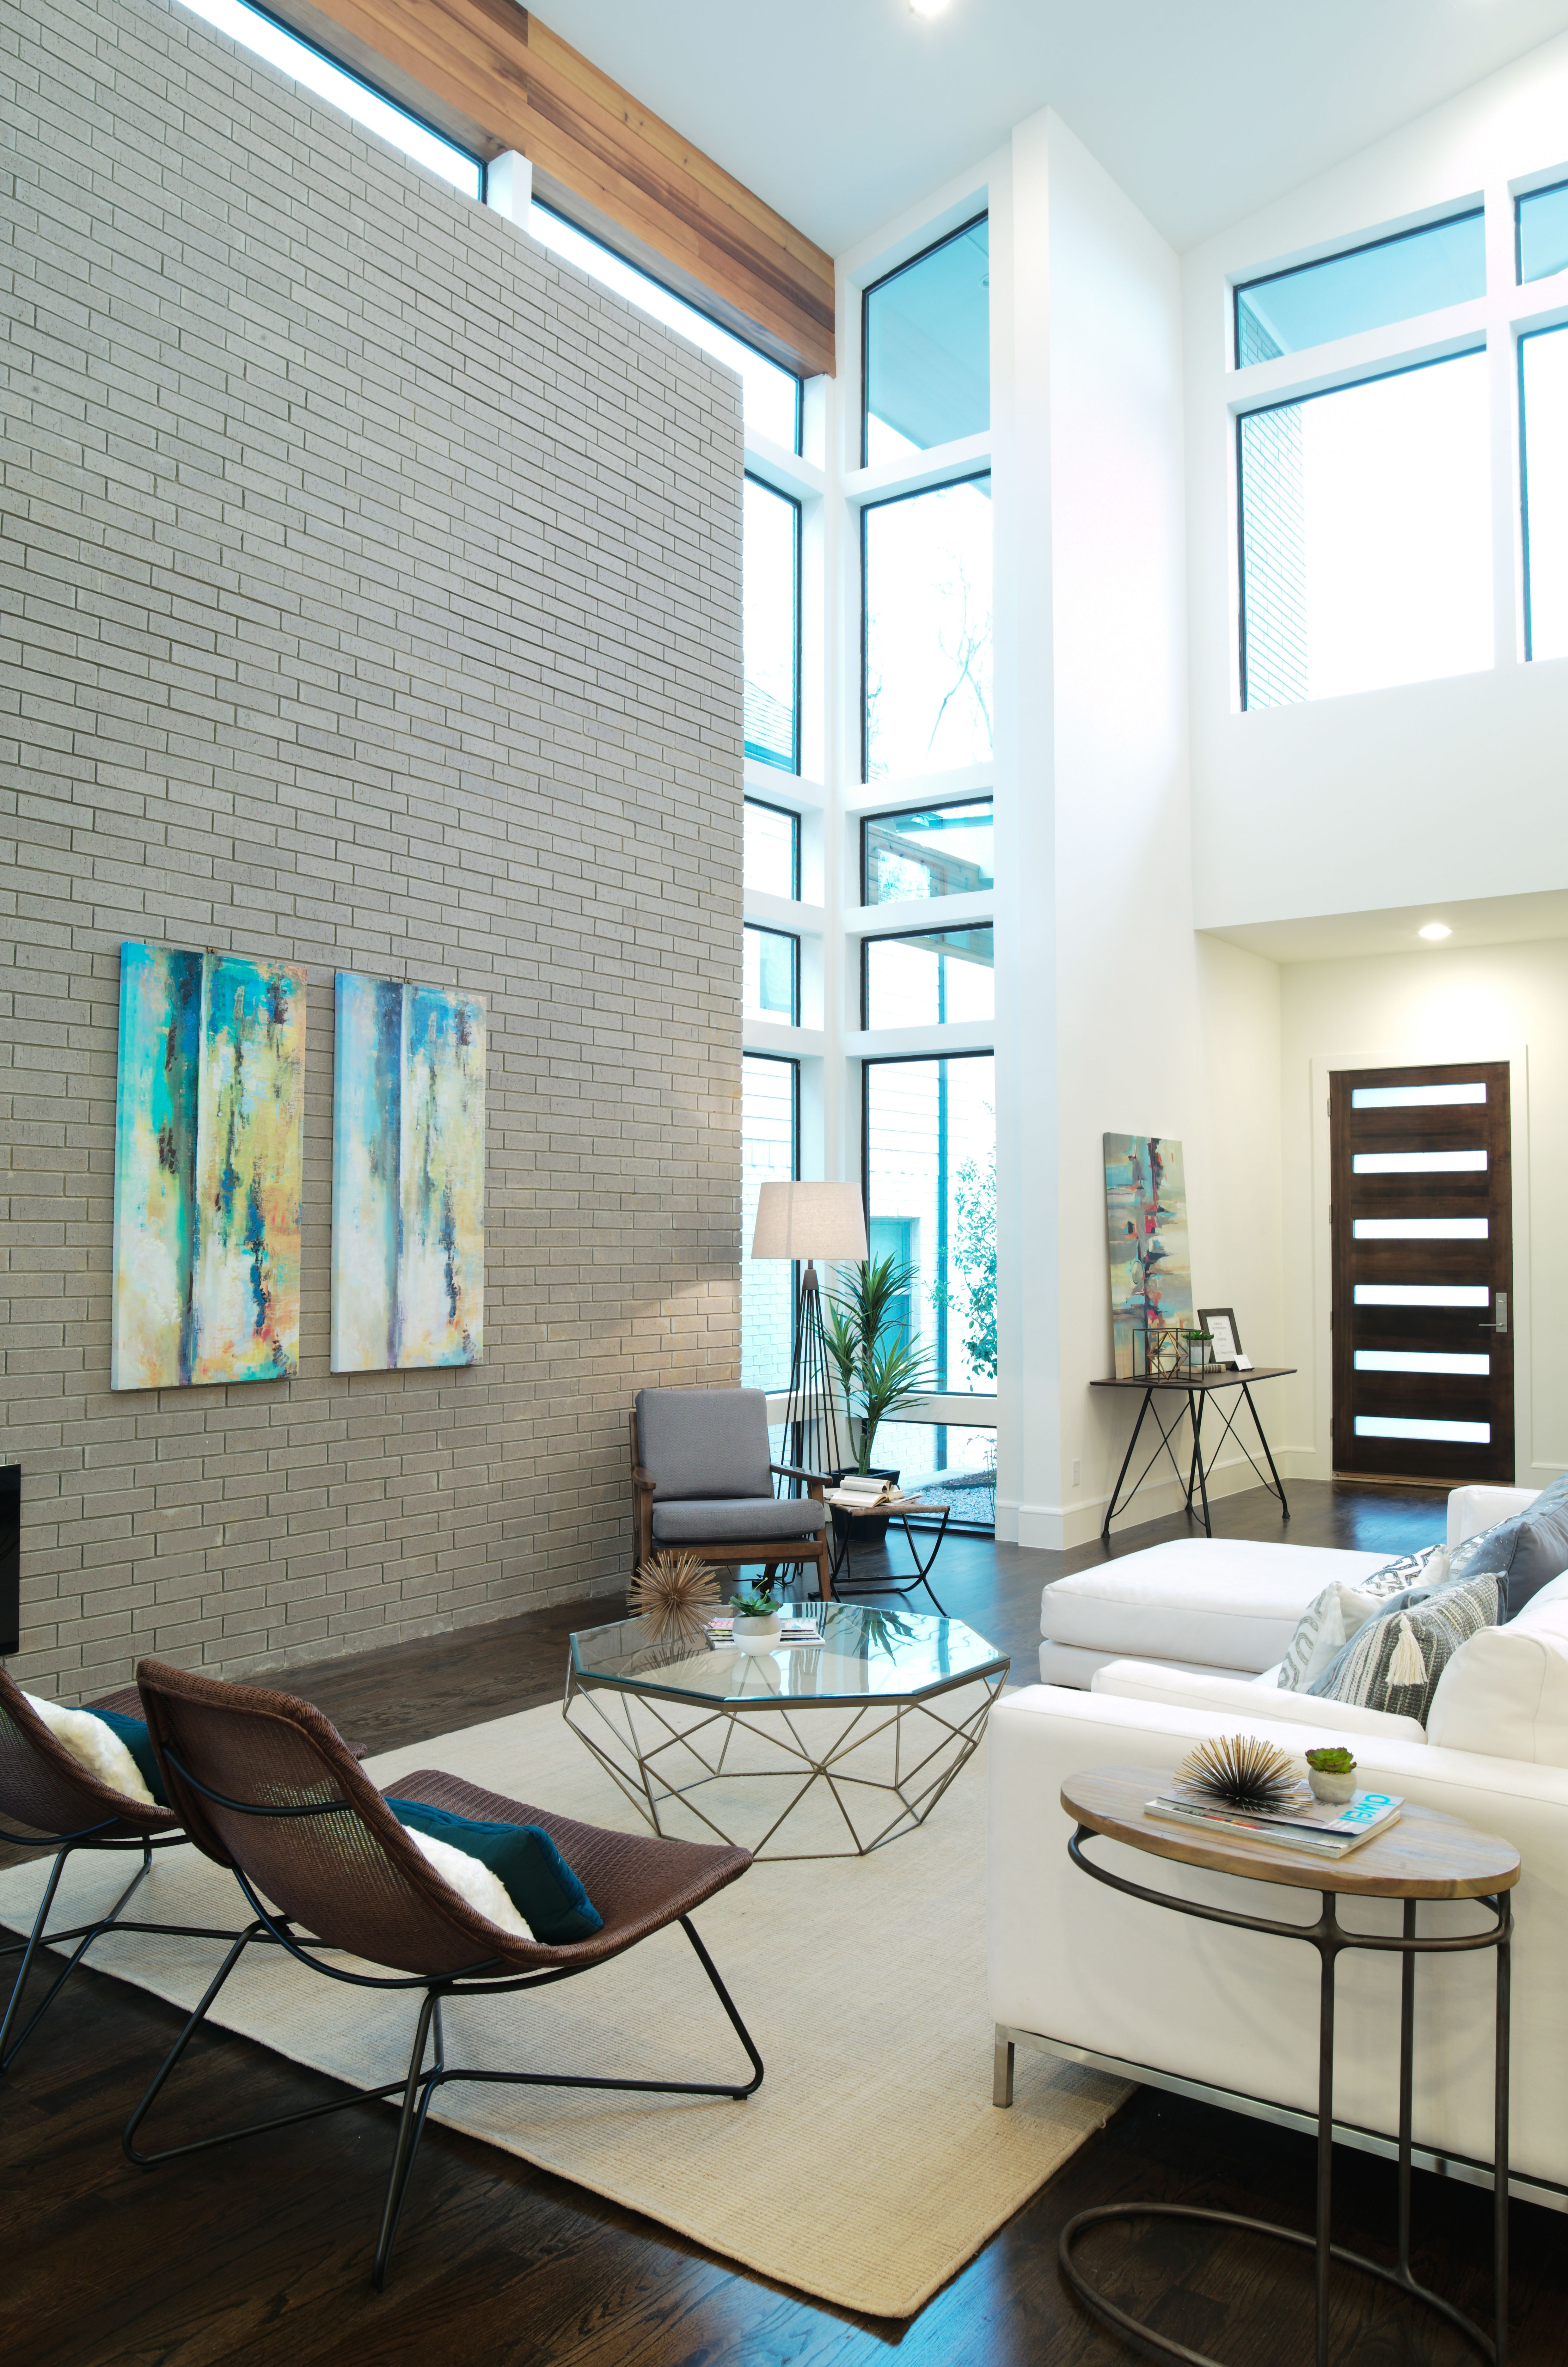 Architecture Interior Design By J L Studio